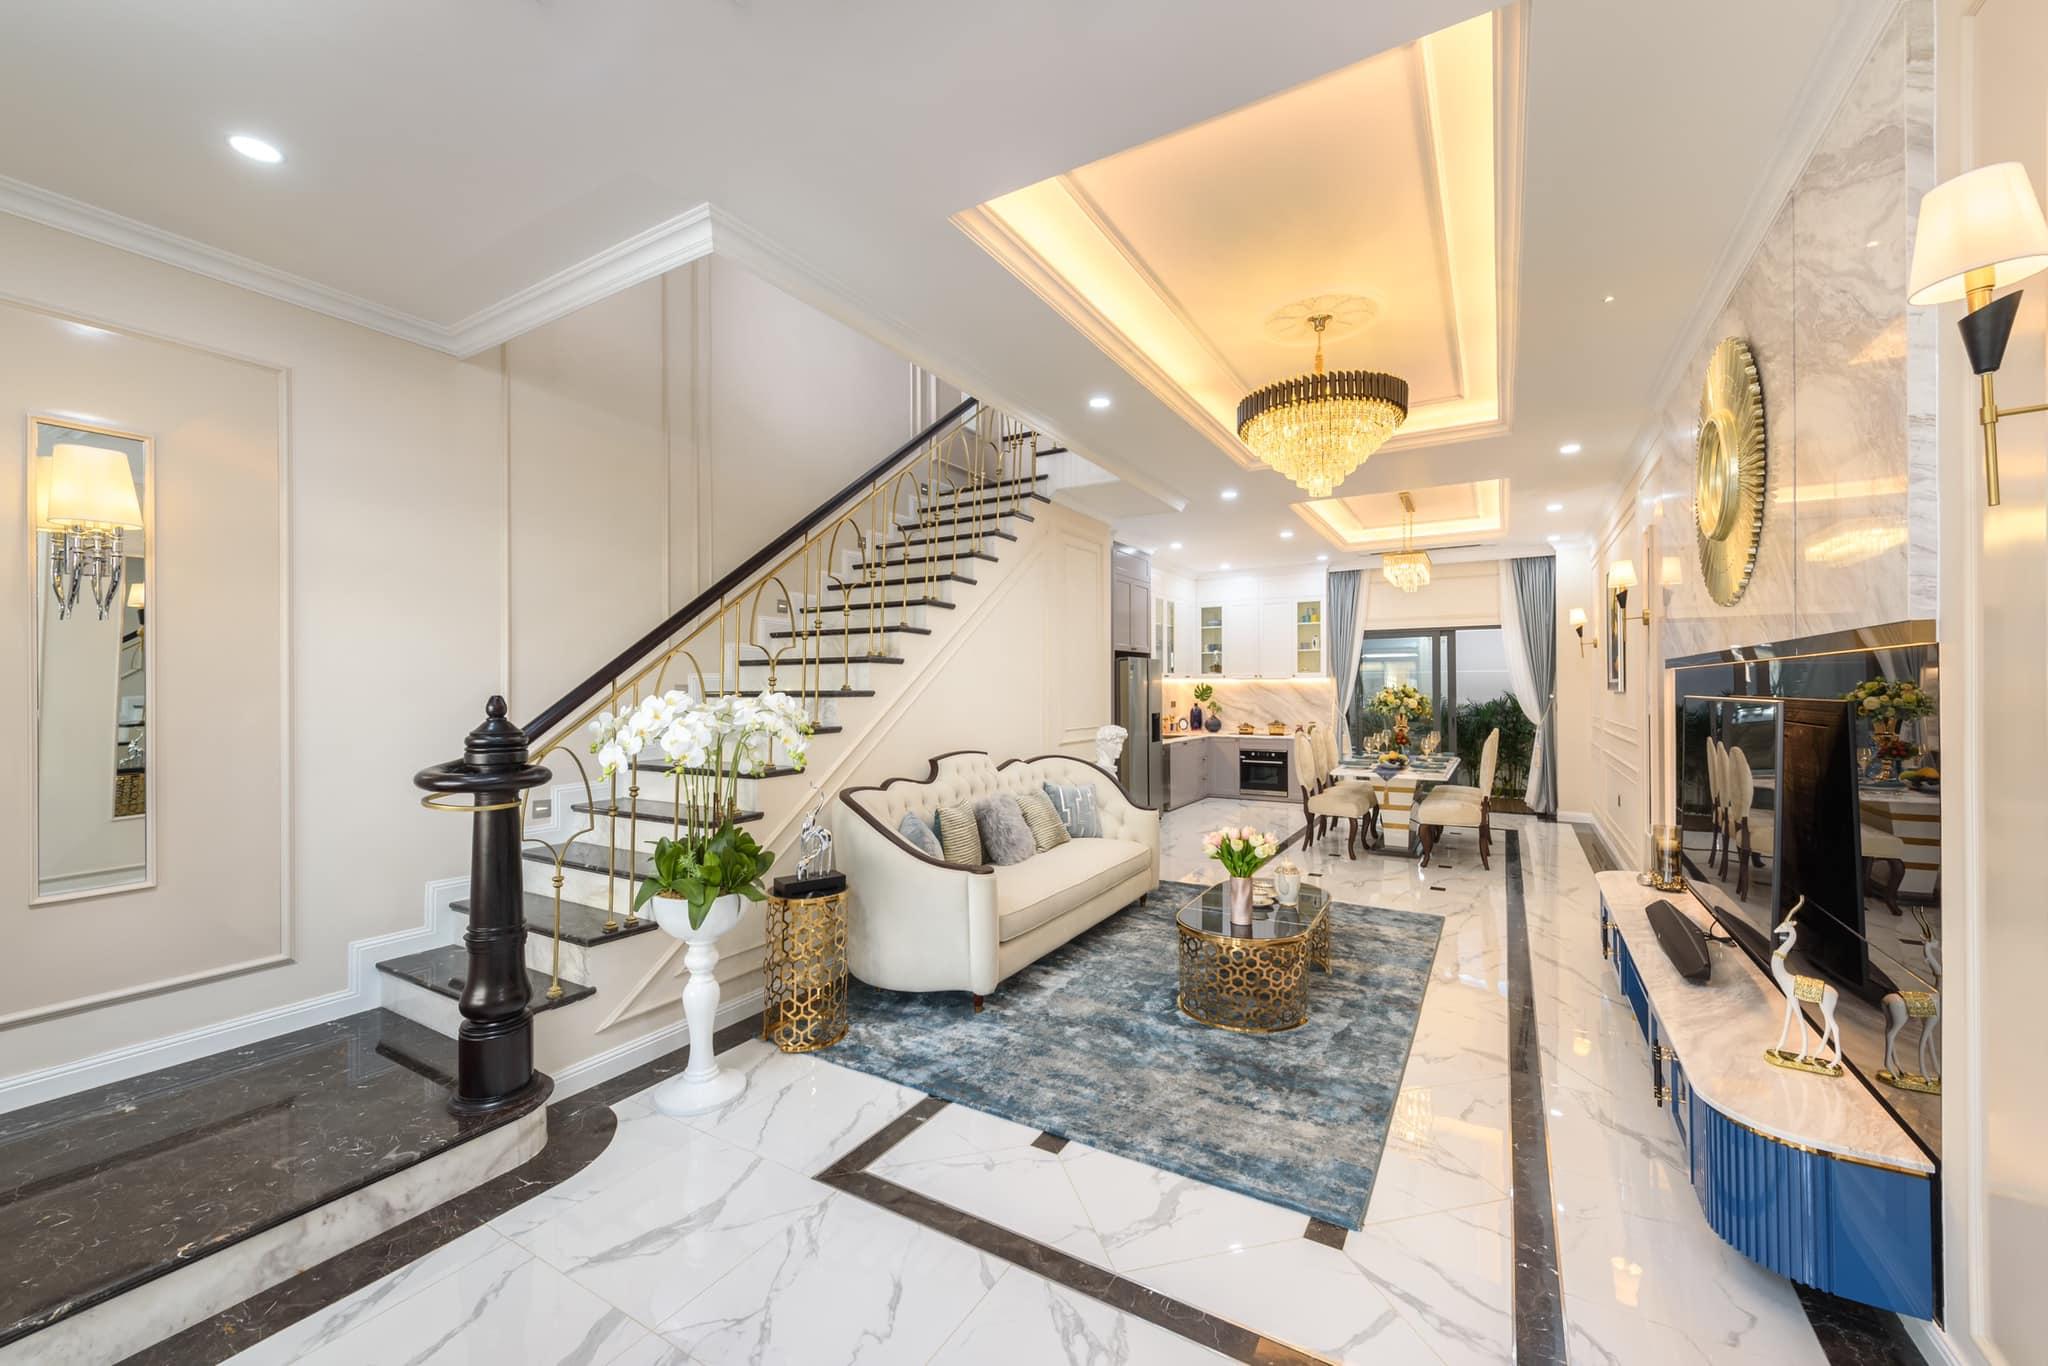 Phòng Khách một căn biệt thự đã hoàn thiện tại Verosa Park Khang Điền Thành Phố Thủ Đức - Khang Điền HCM